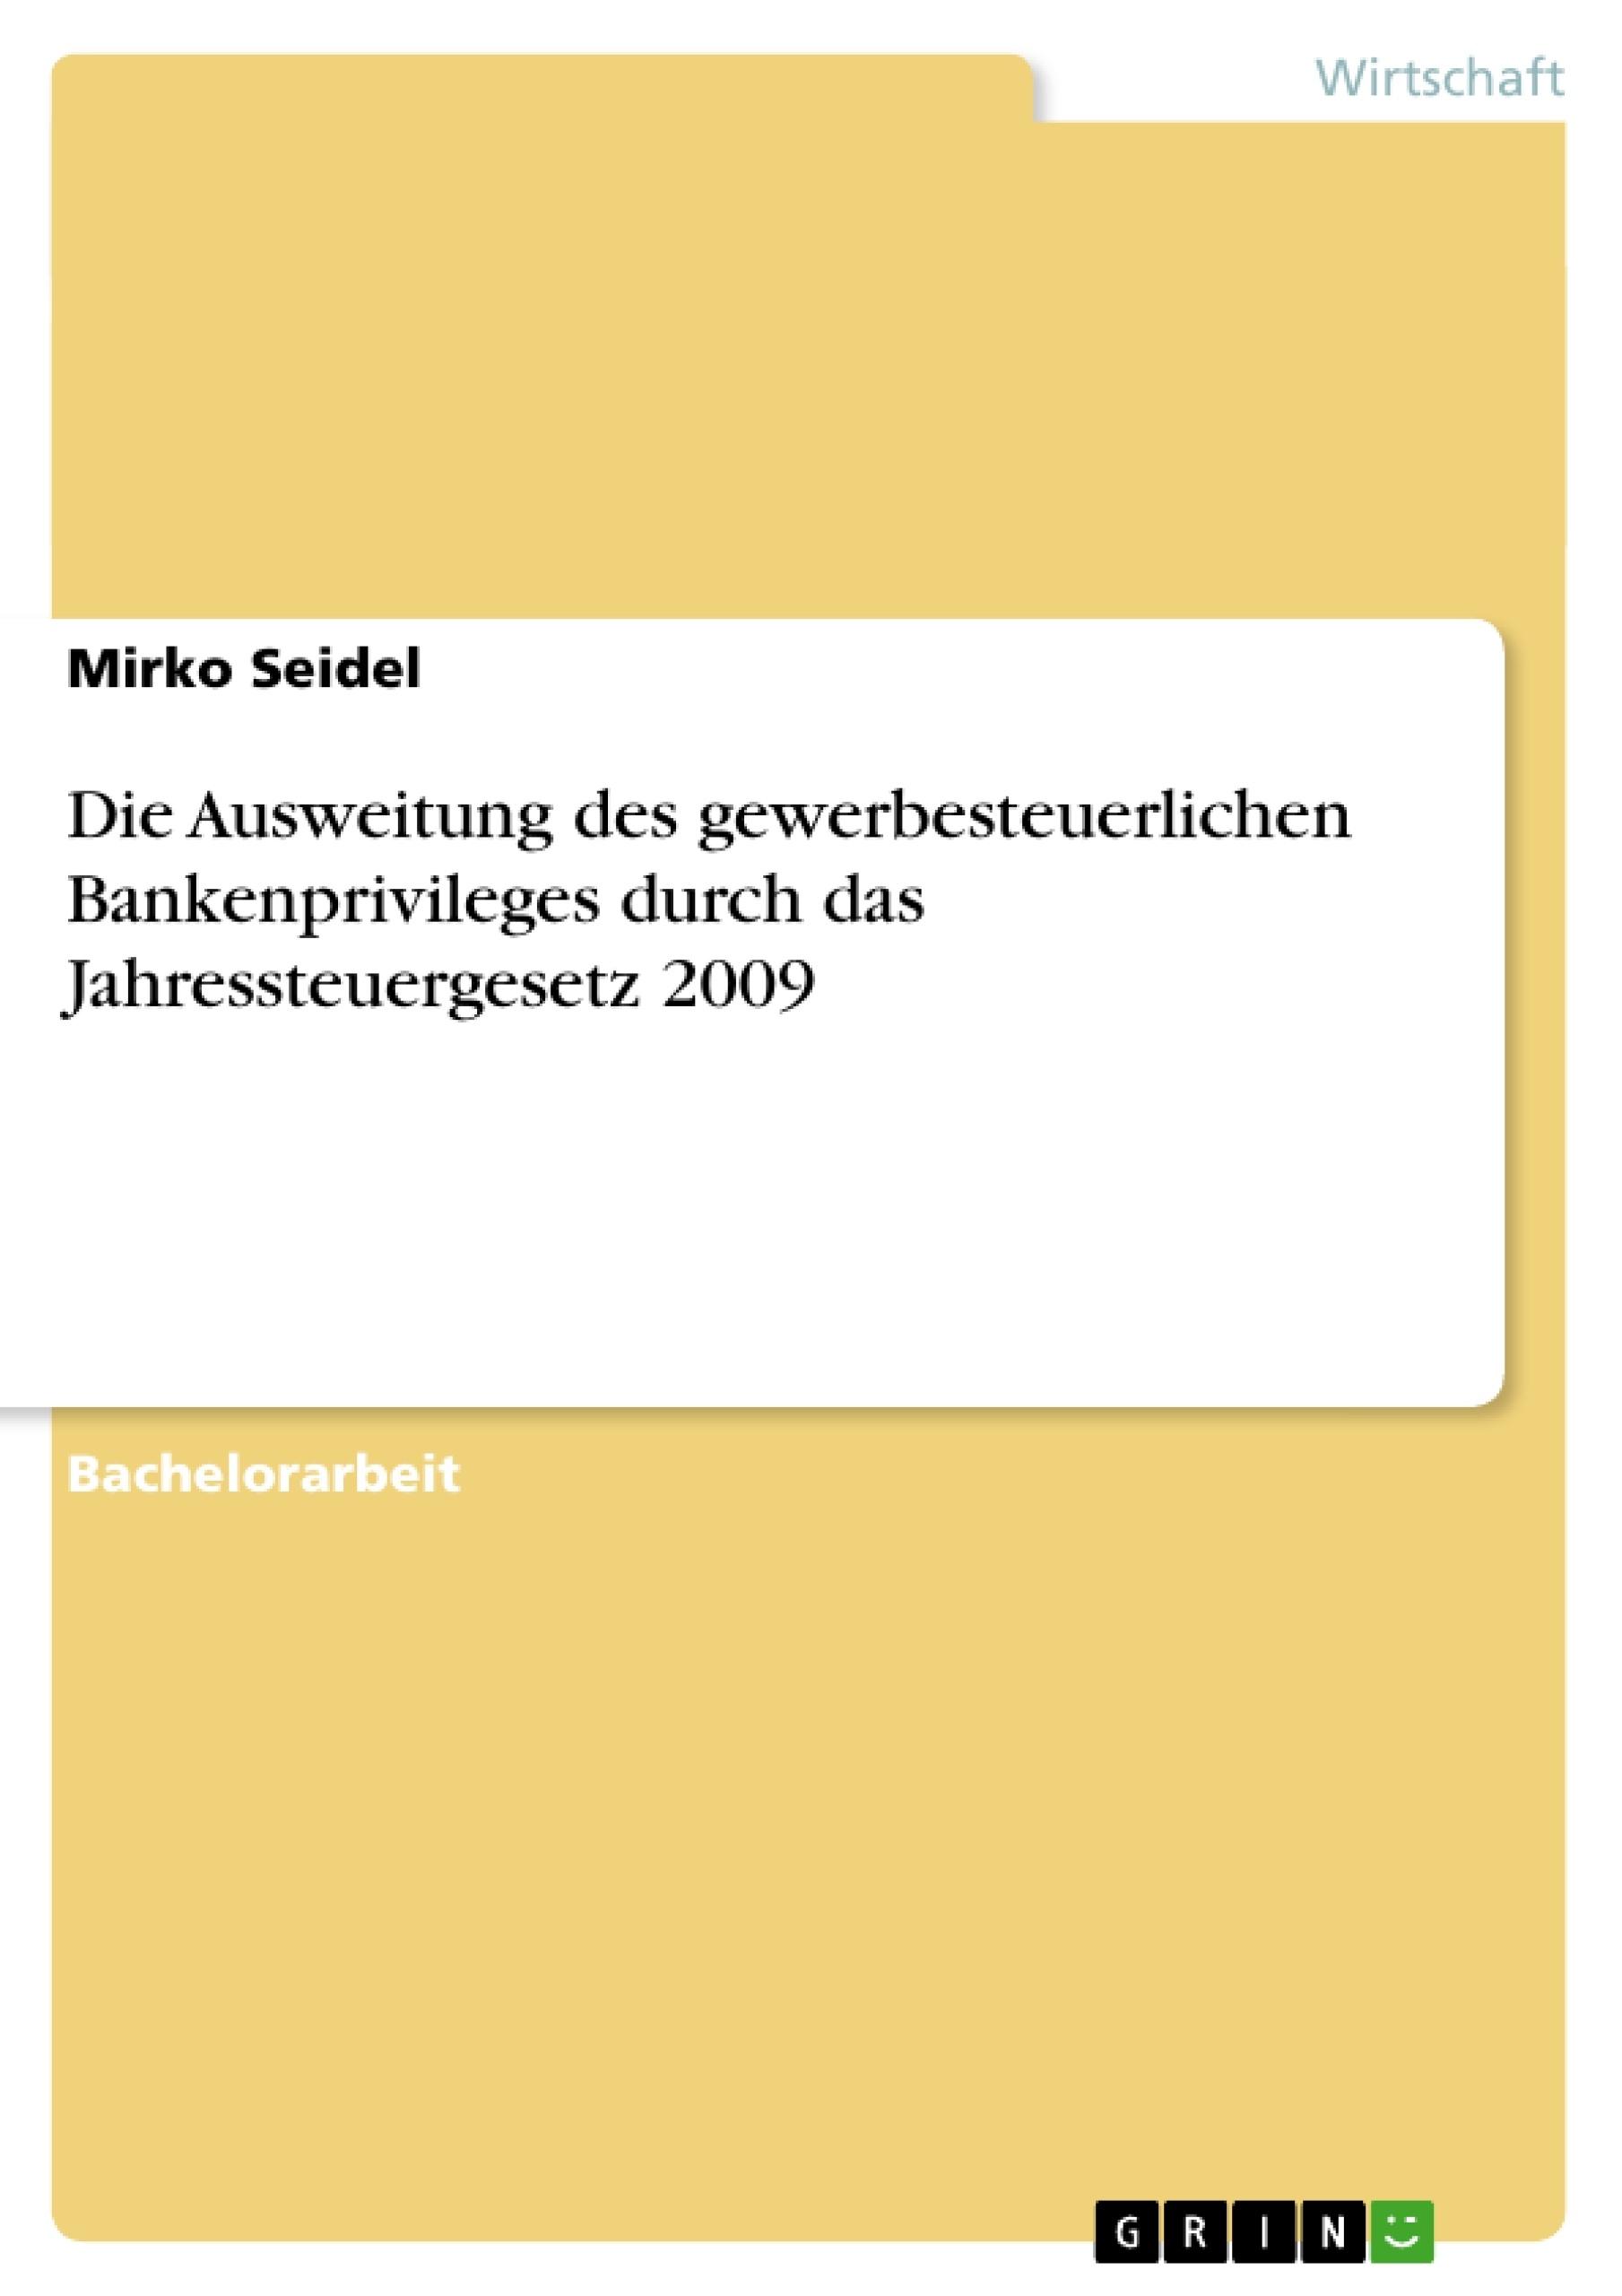 Titel: Die Ausweitung des gewerbesteuerlichen Bankenprivileges durch das Jahressteuergesetz 2009